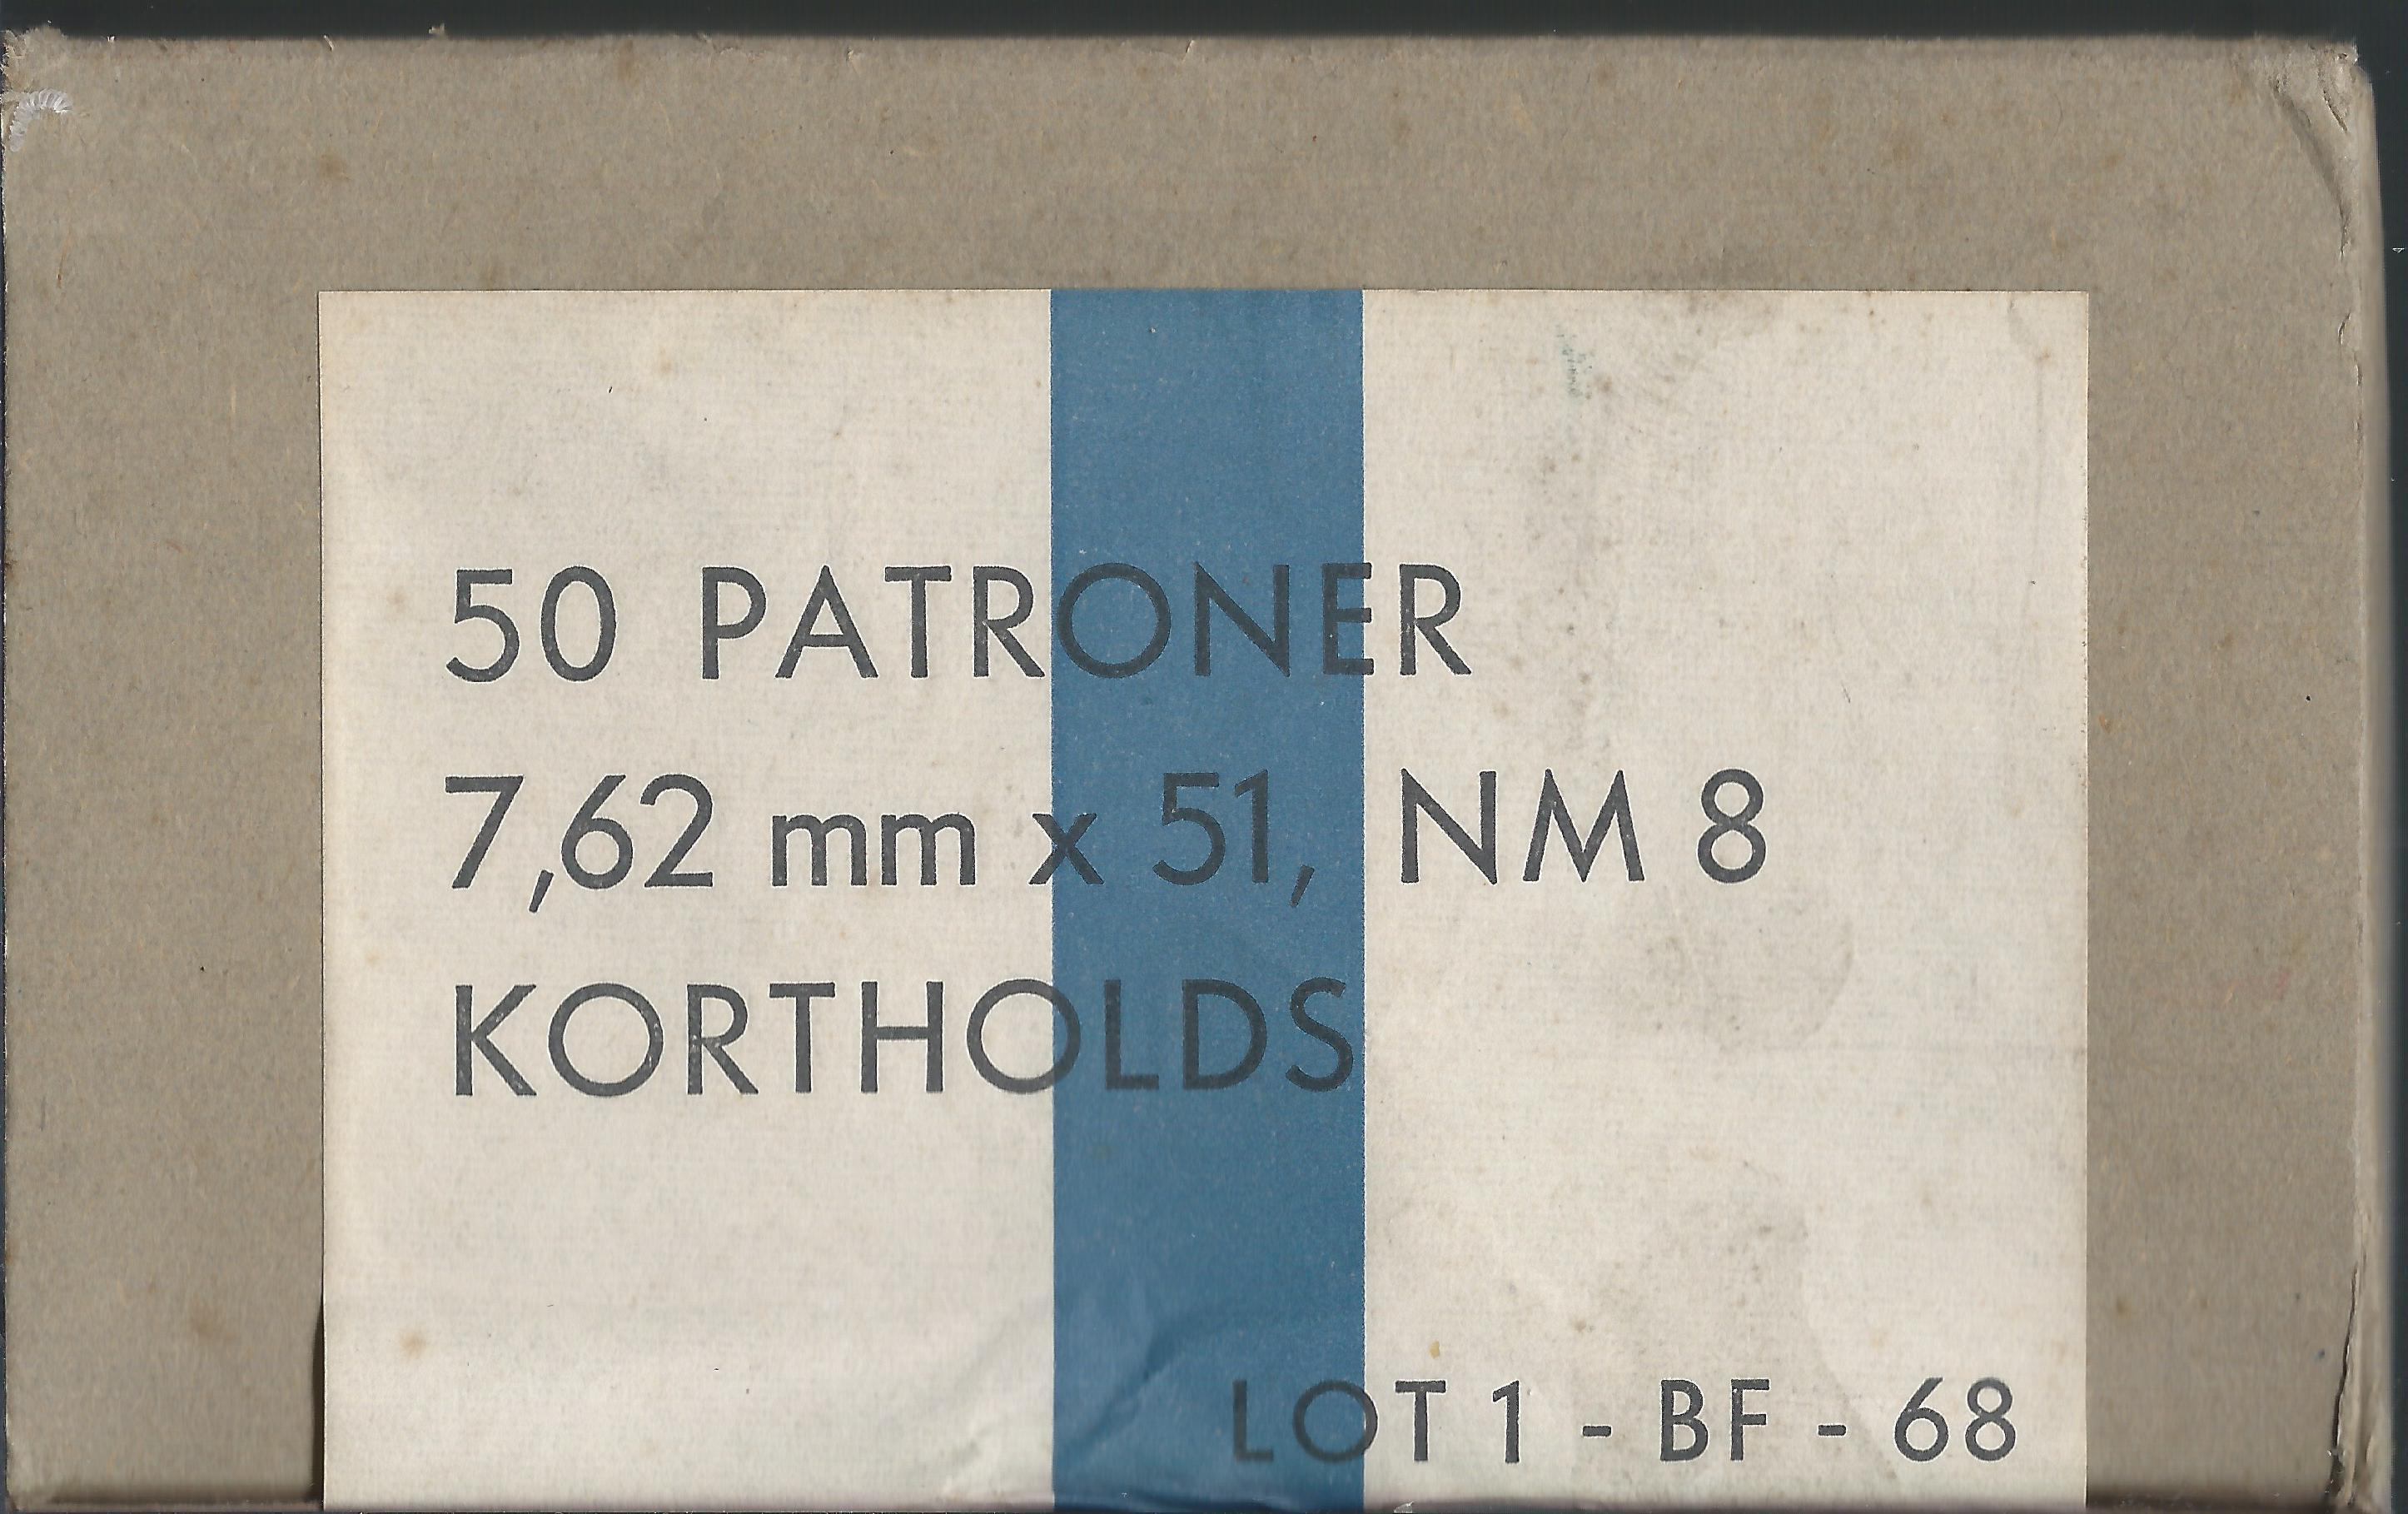 Eske-762x51-BF-korthold-50skudd-NM8-1-BF-68-1.jpg